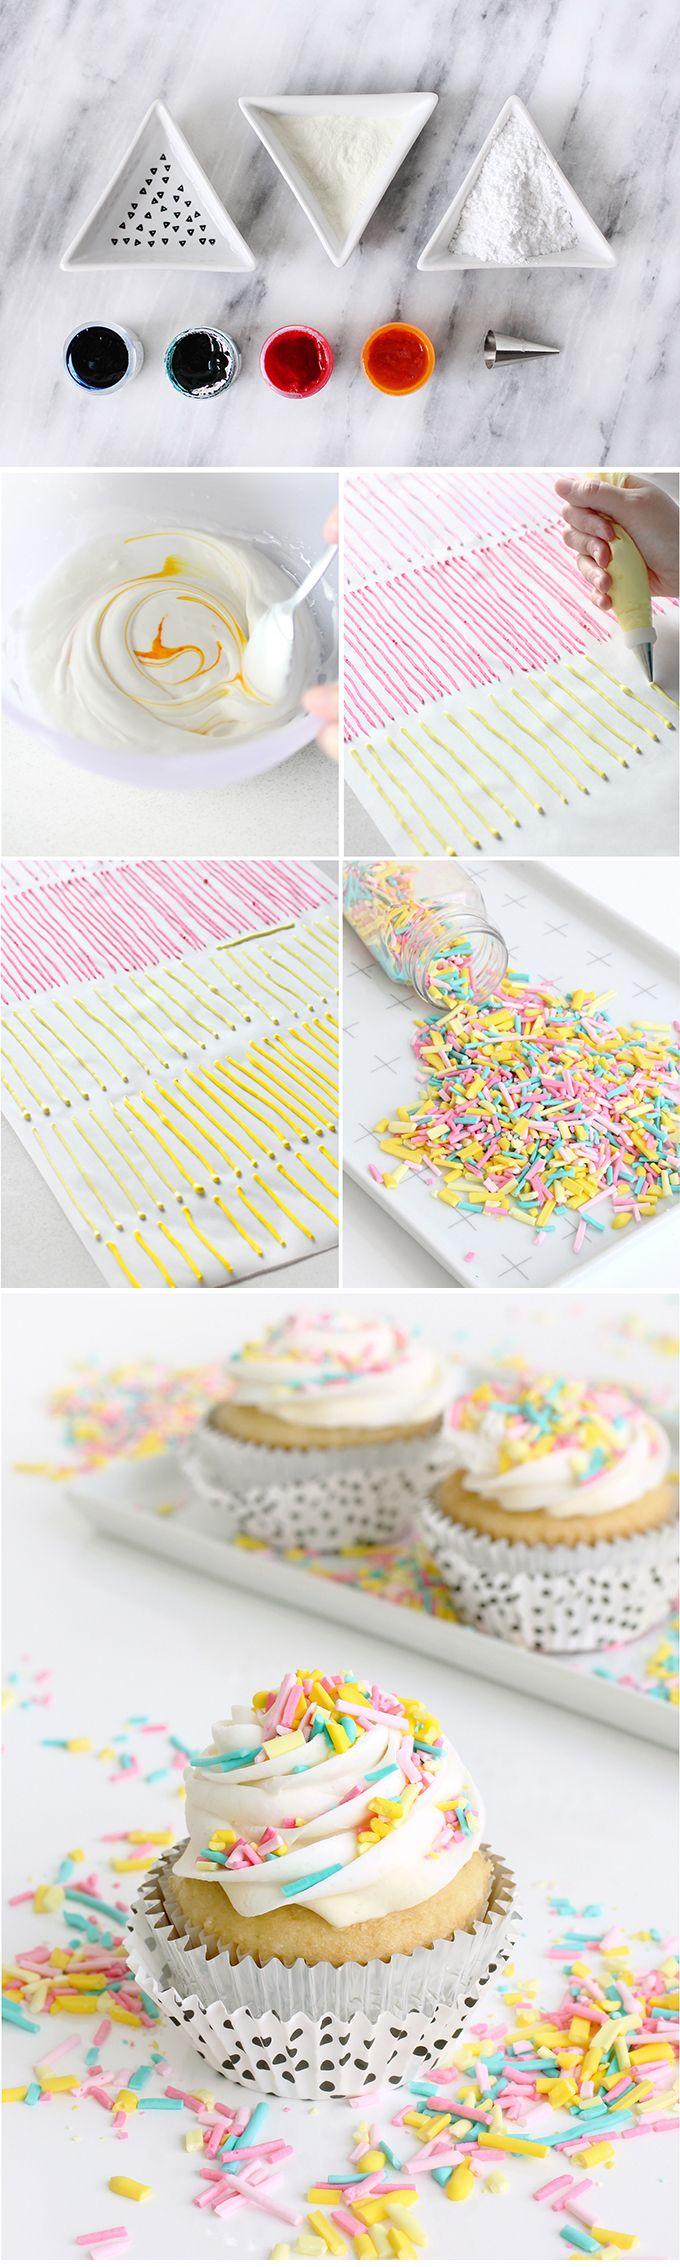 » DIY SWEETS | Homemade Sprinkles